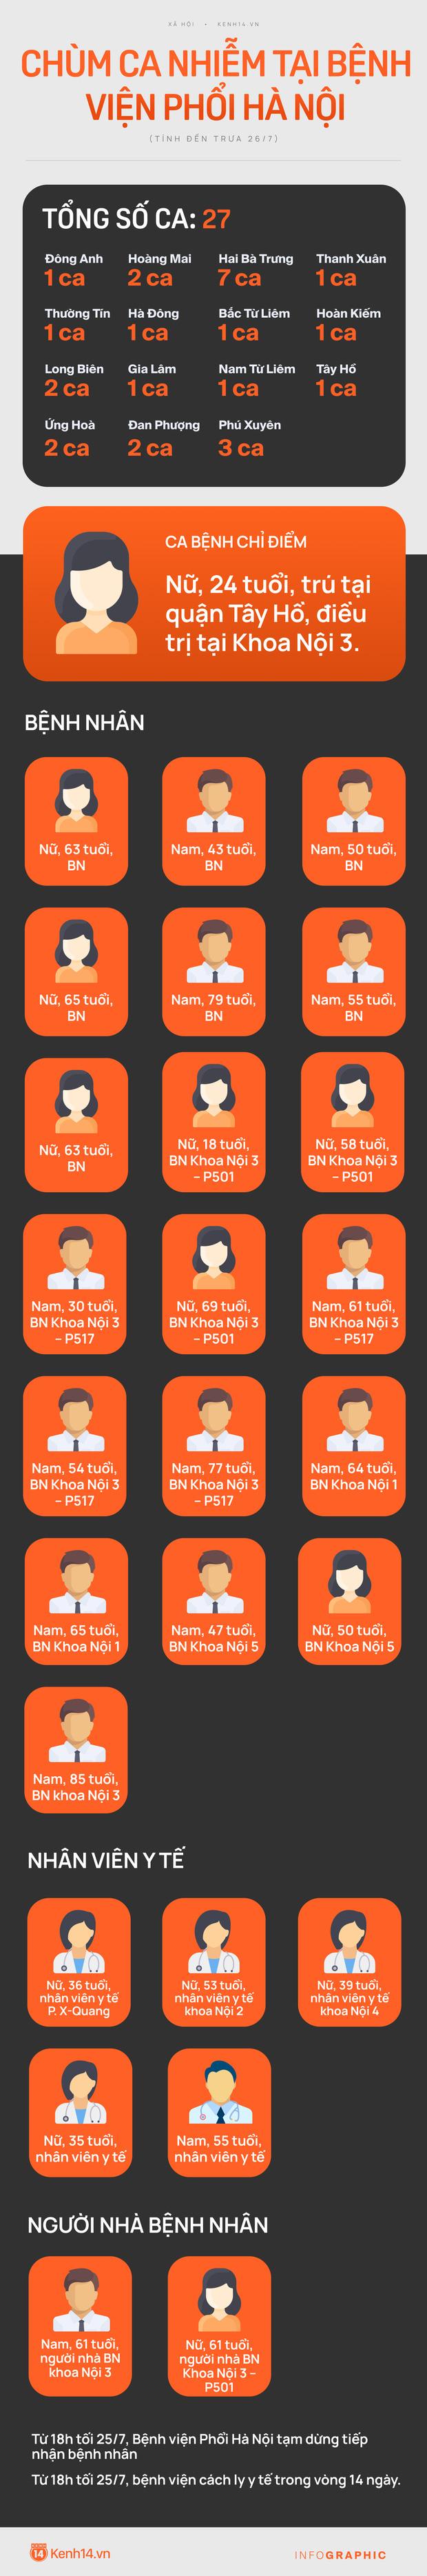 Diễn biến dịch ngày 26/7: Hà Nội thêm 24 ca dương tính SARS-CoV-2; Siêu thị ở TP.HCM sẽ đóng cửa trước 17h - Ảnh 1.